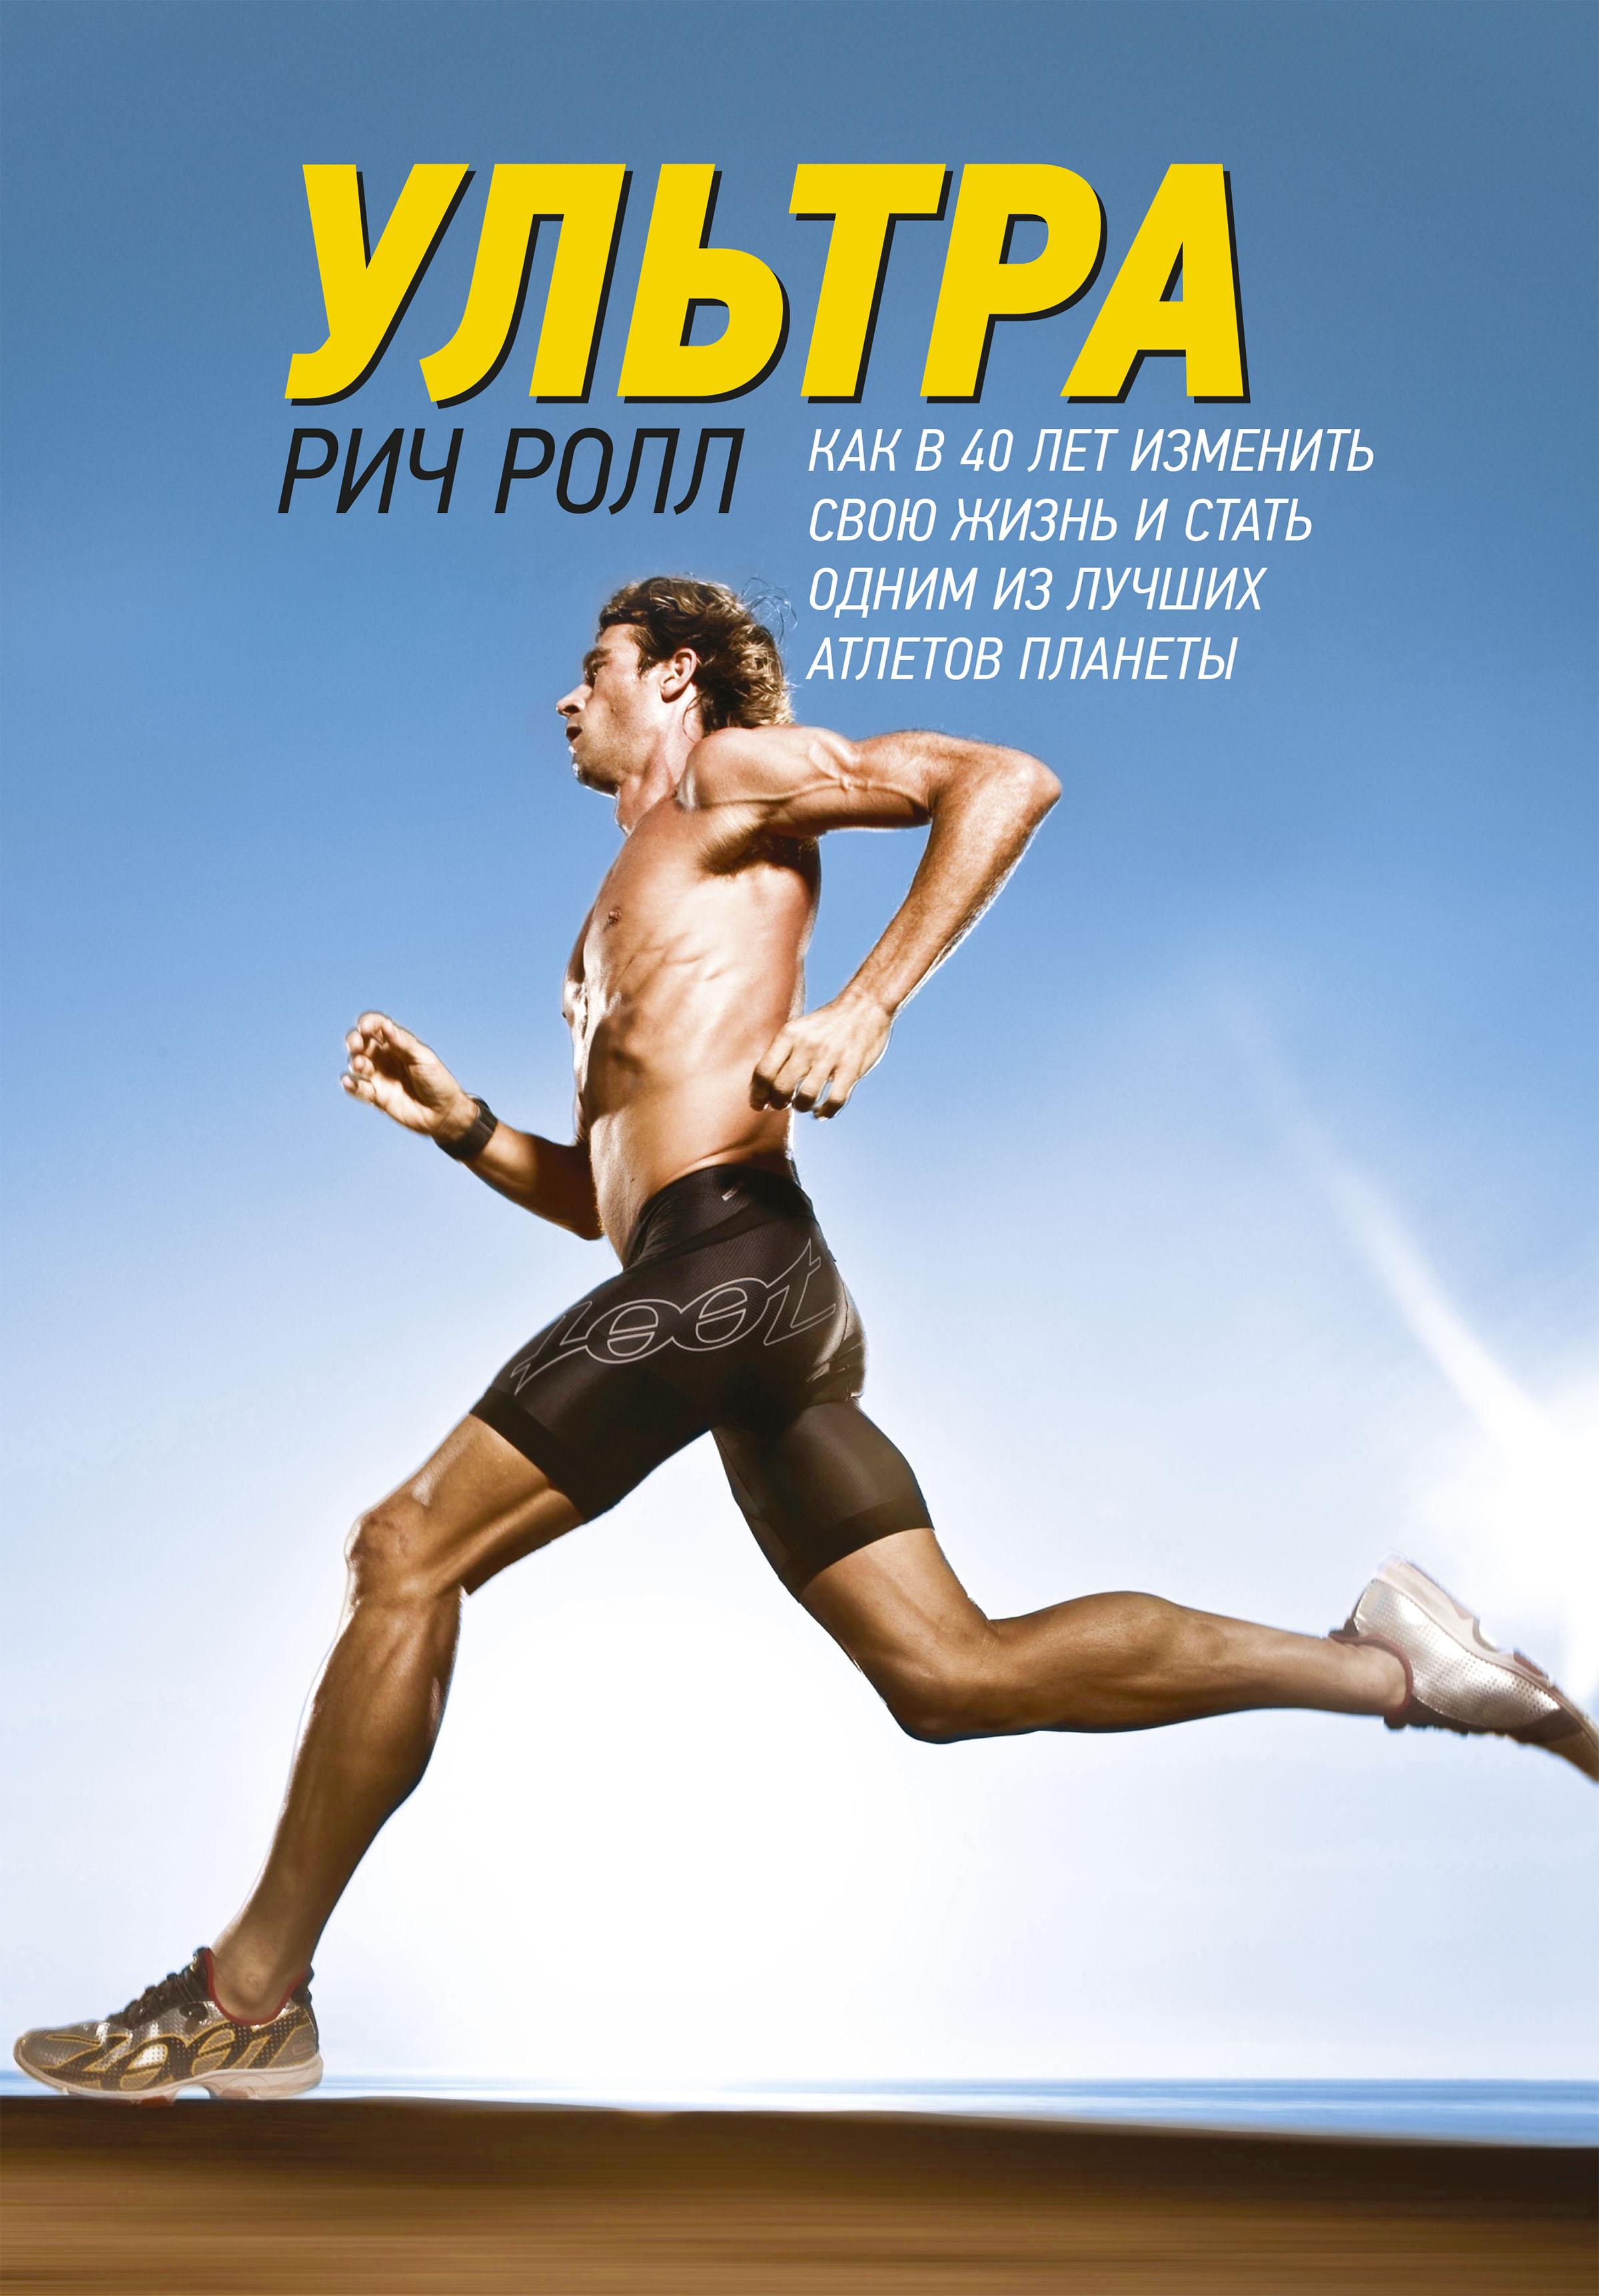 Книга Ультра. Как в 40 лет изменить свою жизнь и стать одним из лучших атлетов планеты